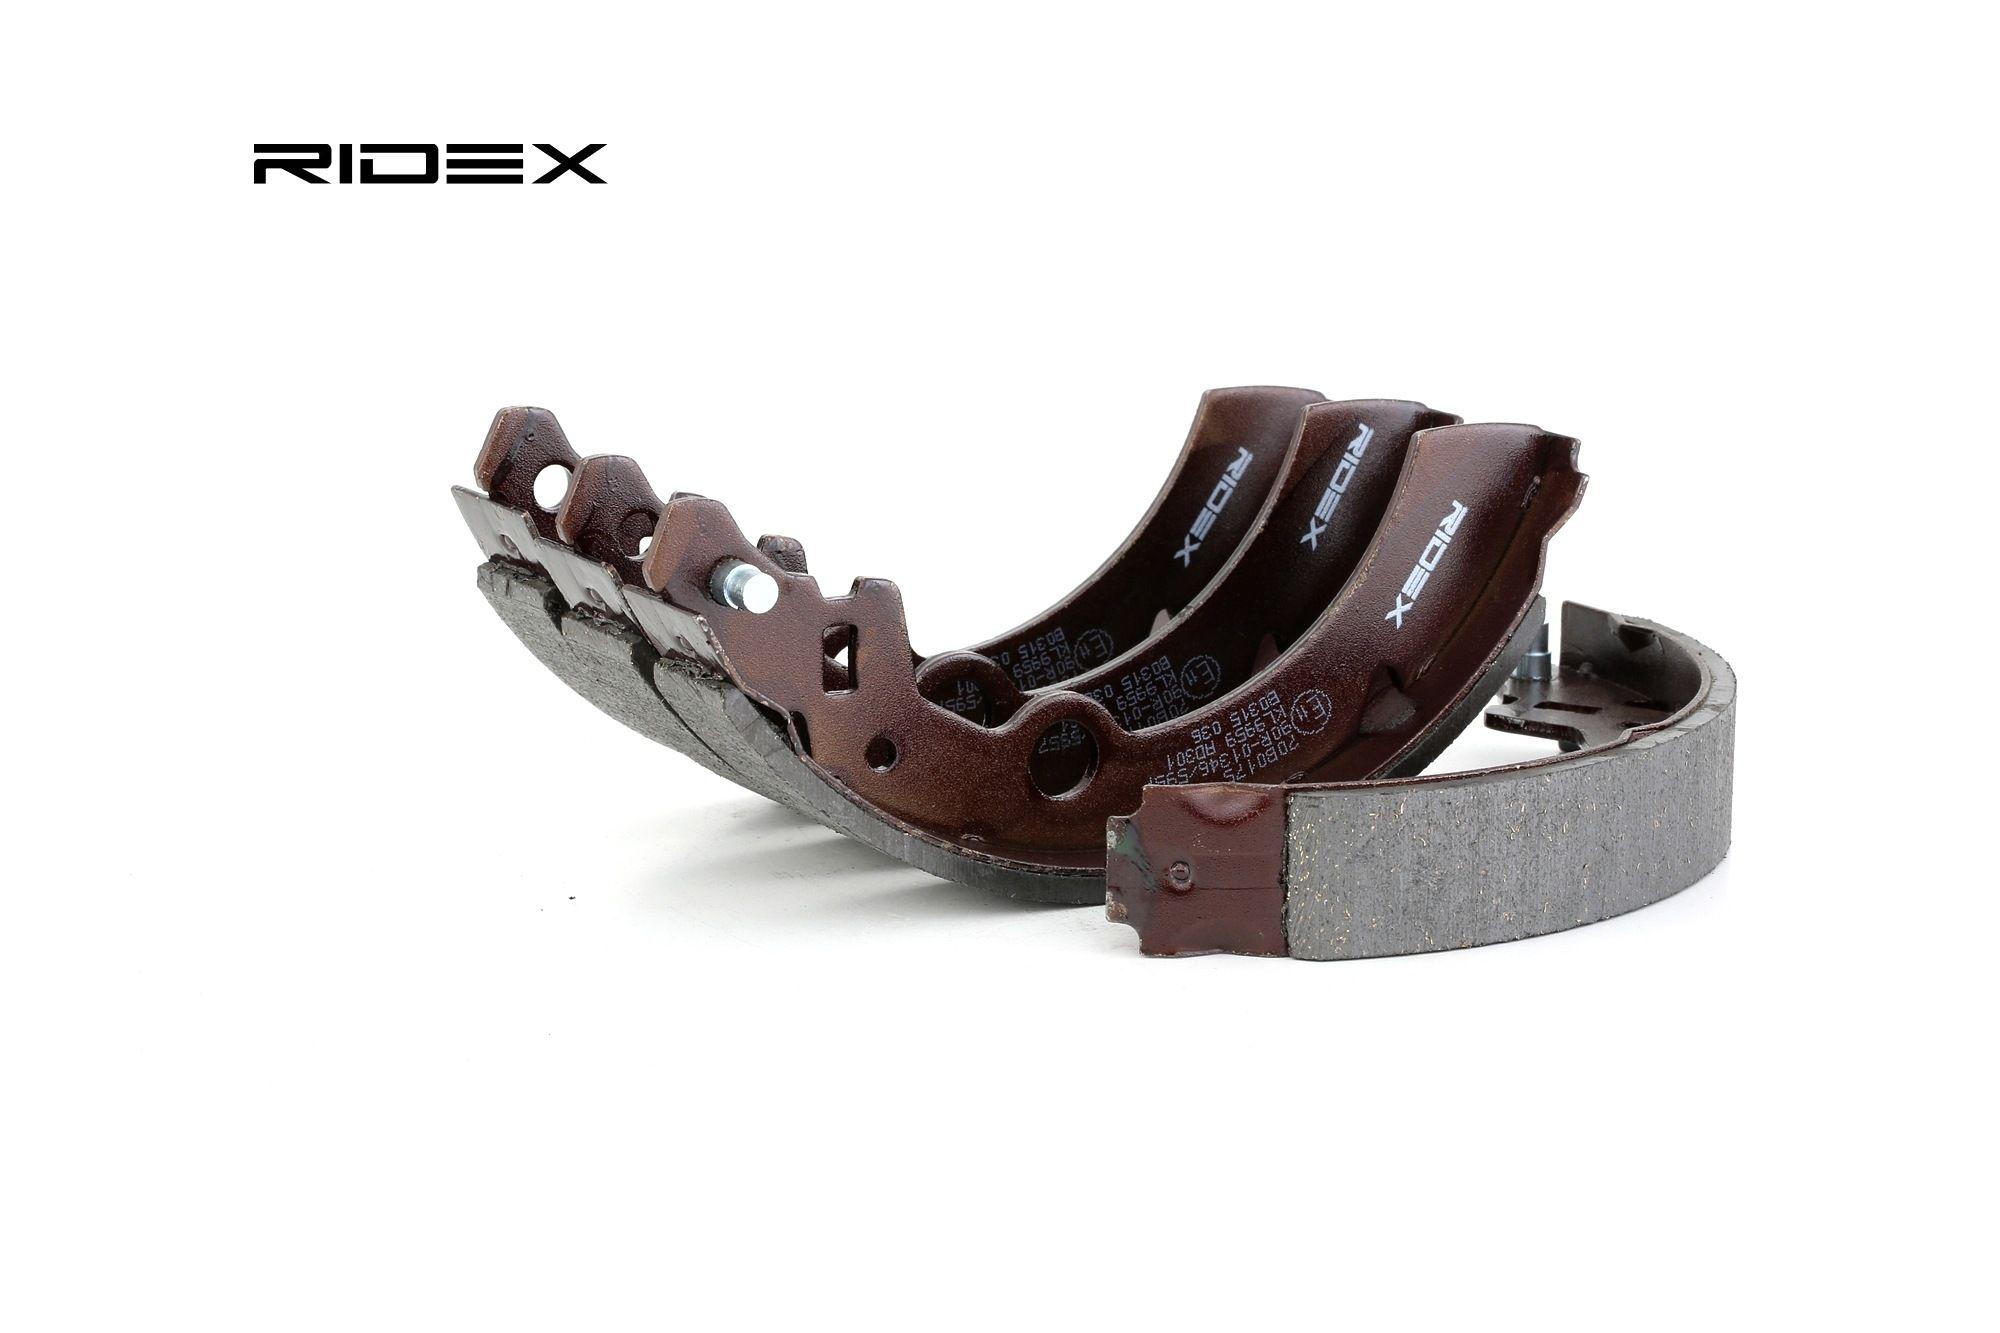 RIDEX: Original Trommelbremsen set 70B0175 (Breite: 26mm)